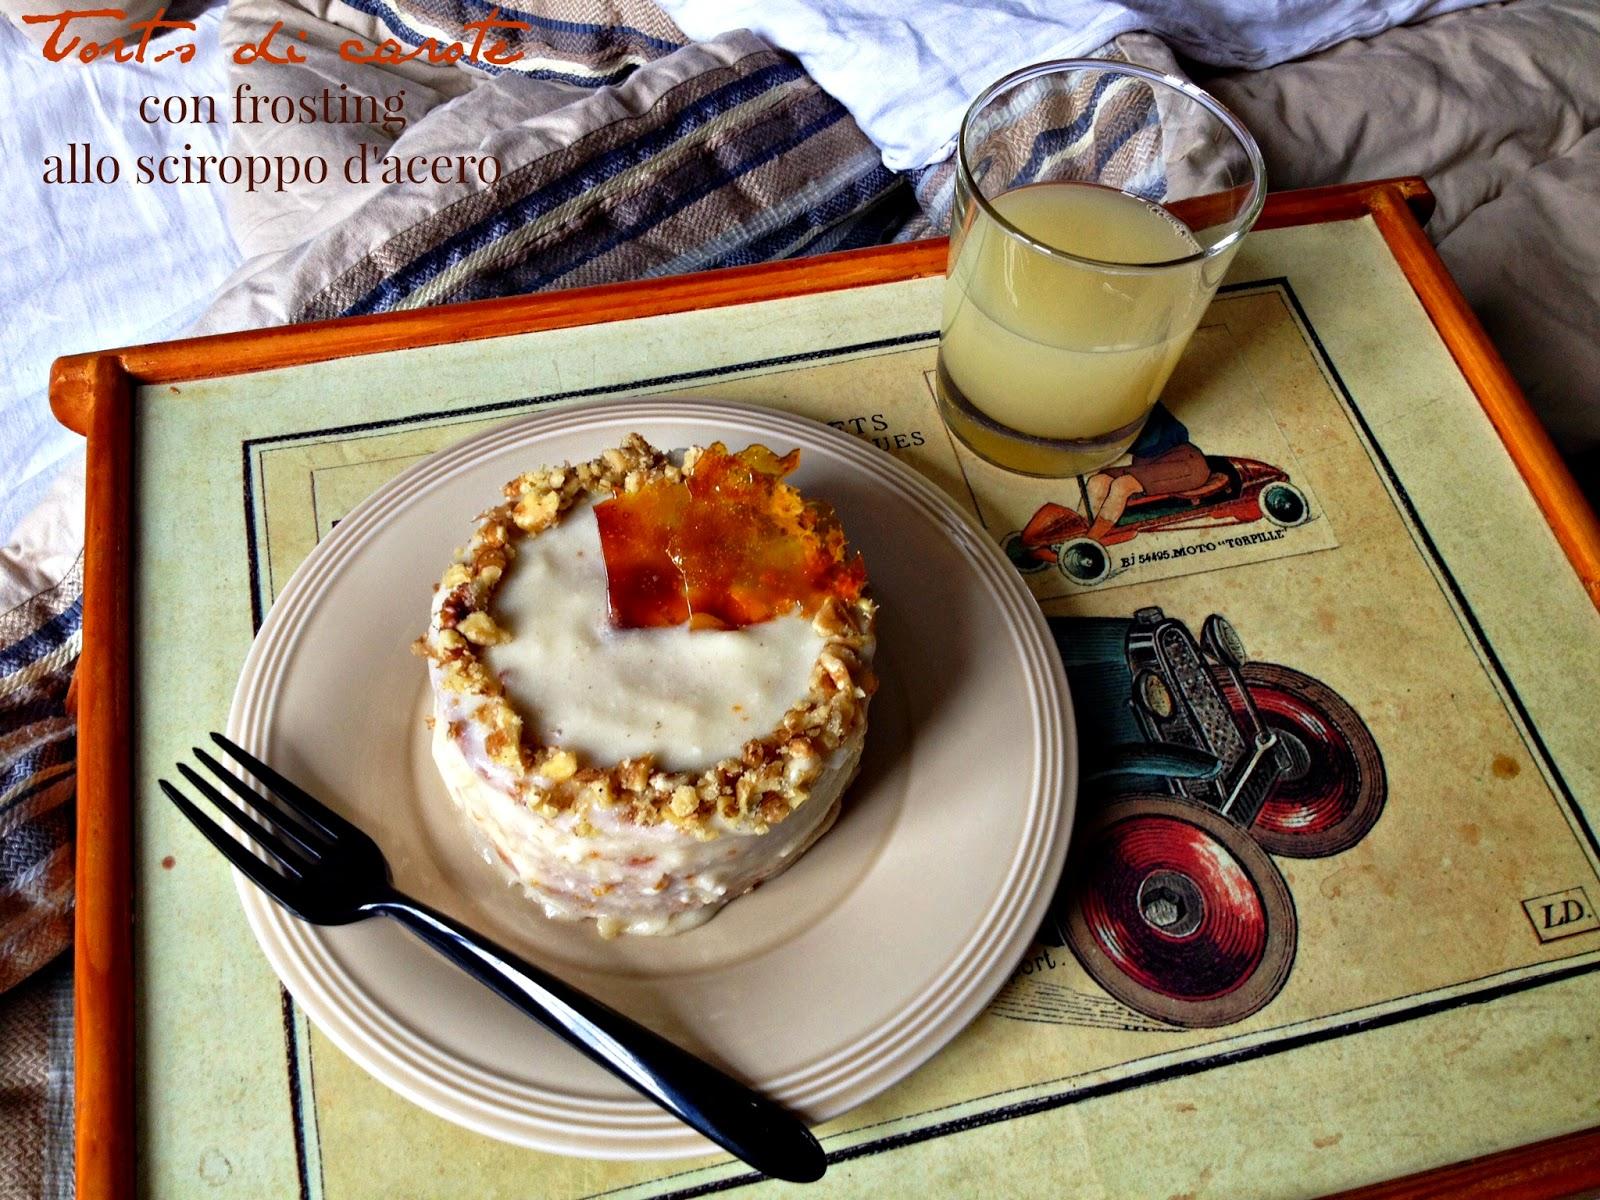 torta di carote con frosting allo sciroppo d'acero